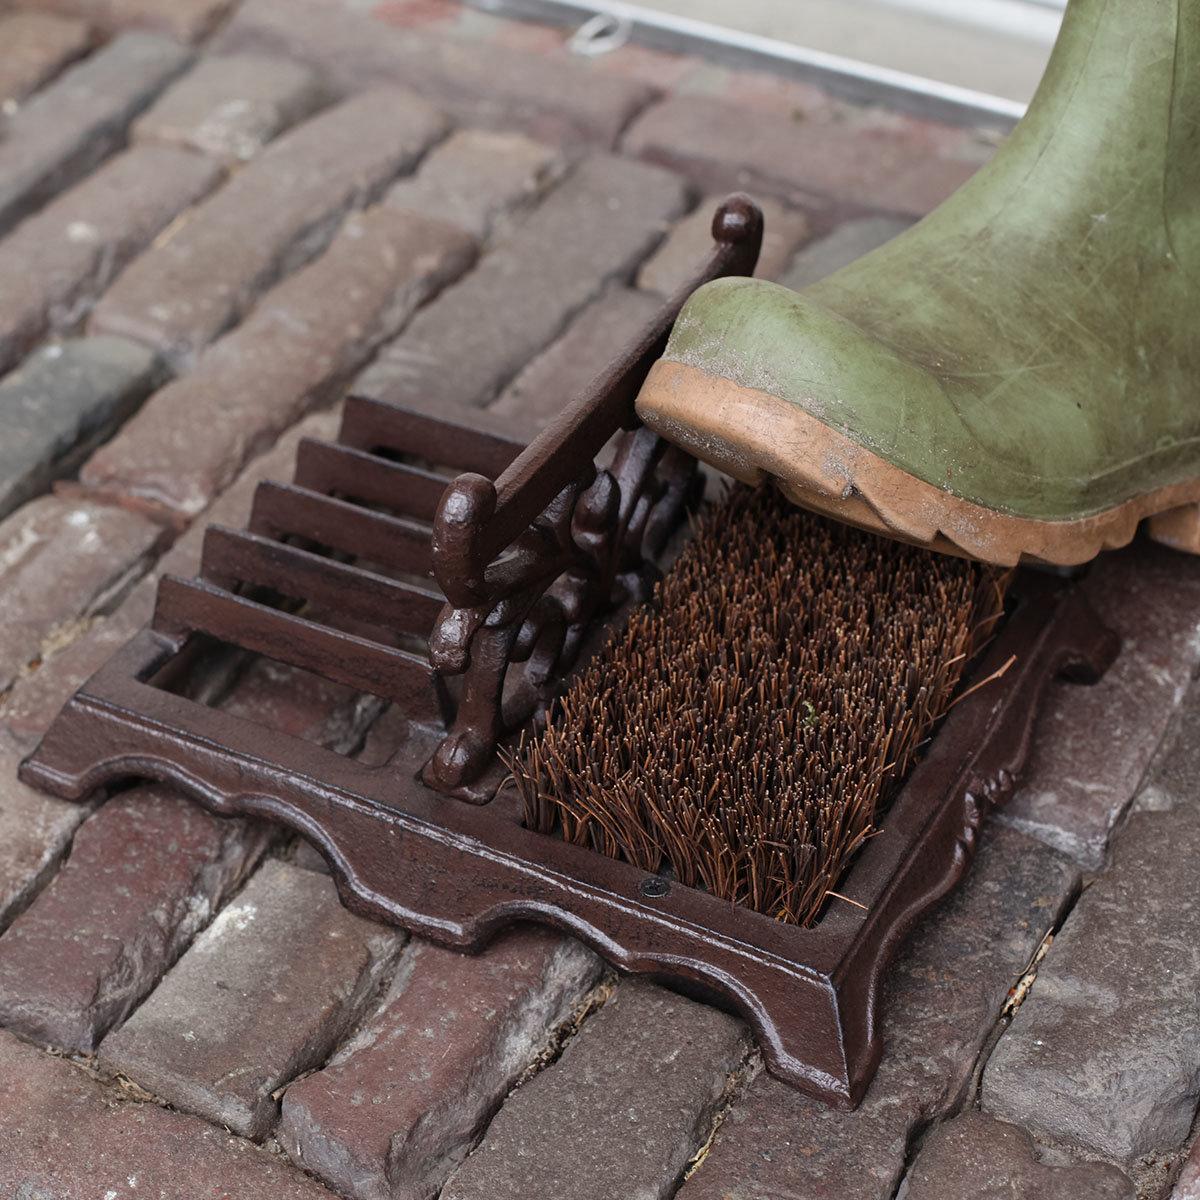 Schuhbürste Lyon, 14x27x22 cm, Gusseisen, braun   #4